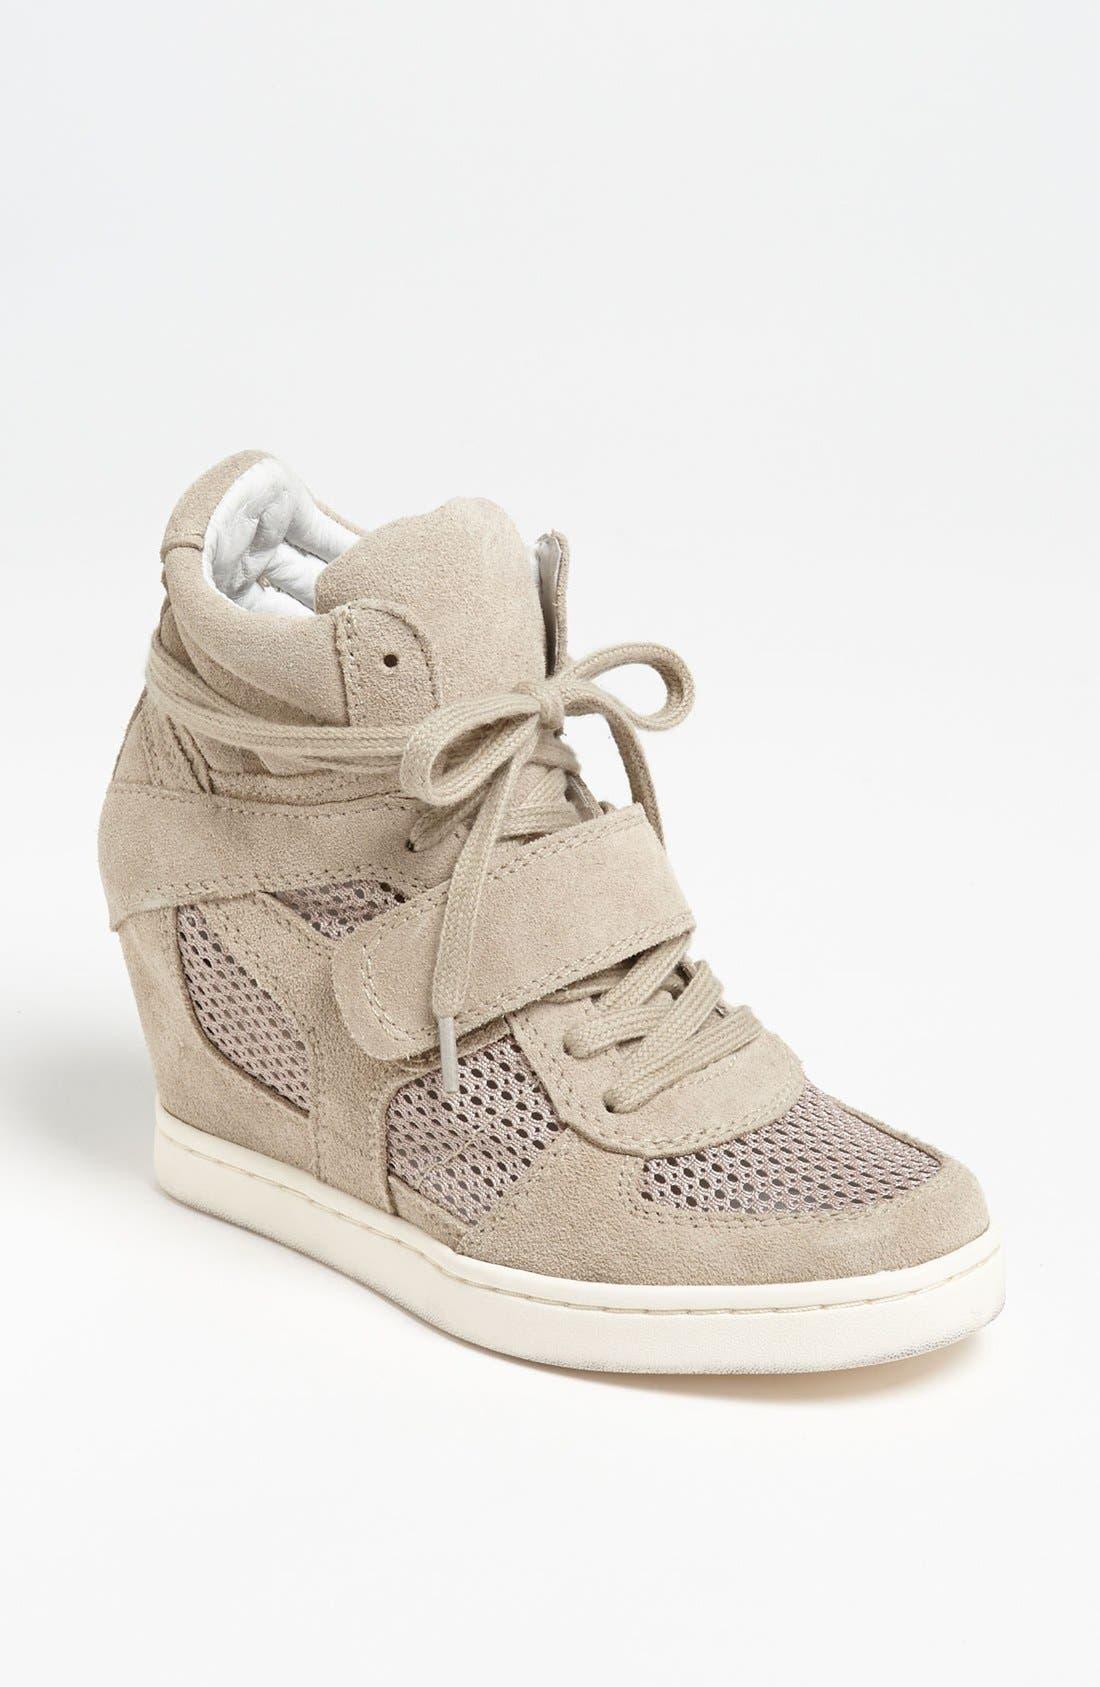 Alternate Image 1 Selected - Ash 'Cool Mesh' Wedge Sneaker